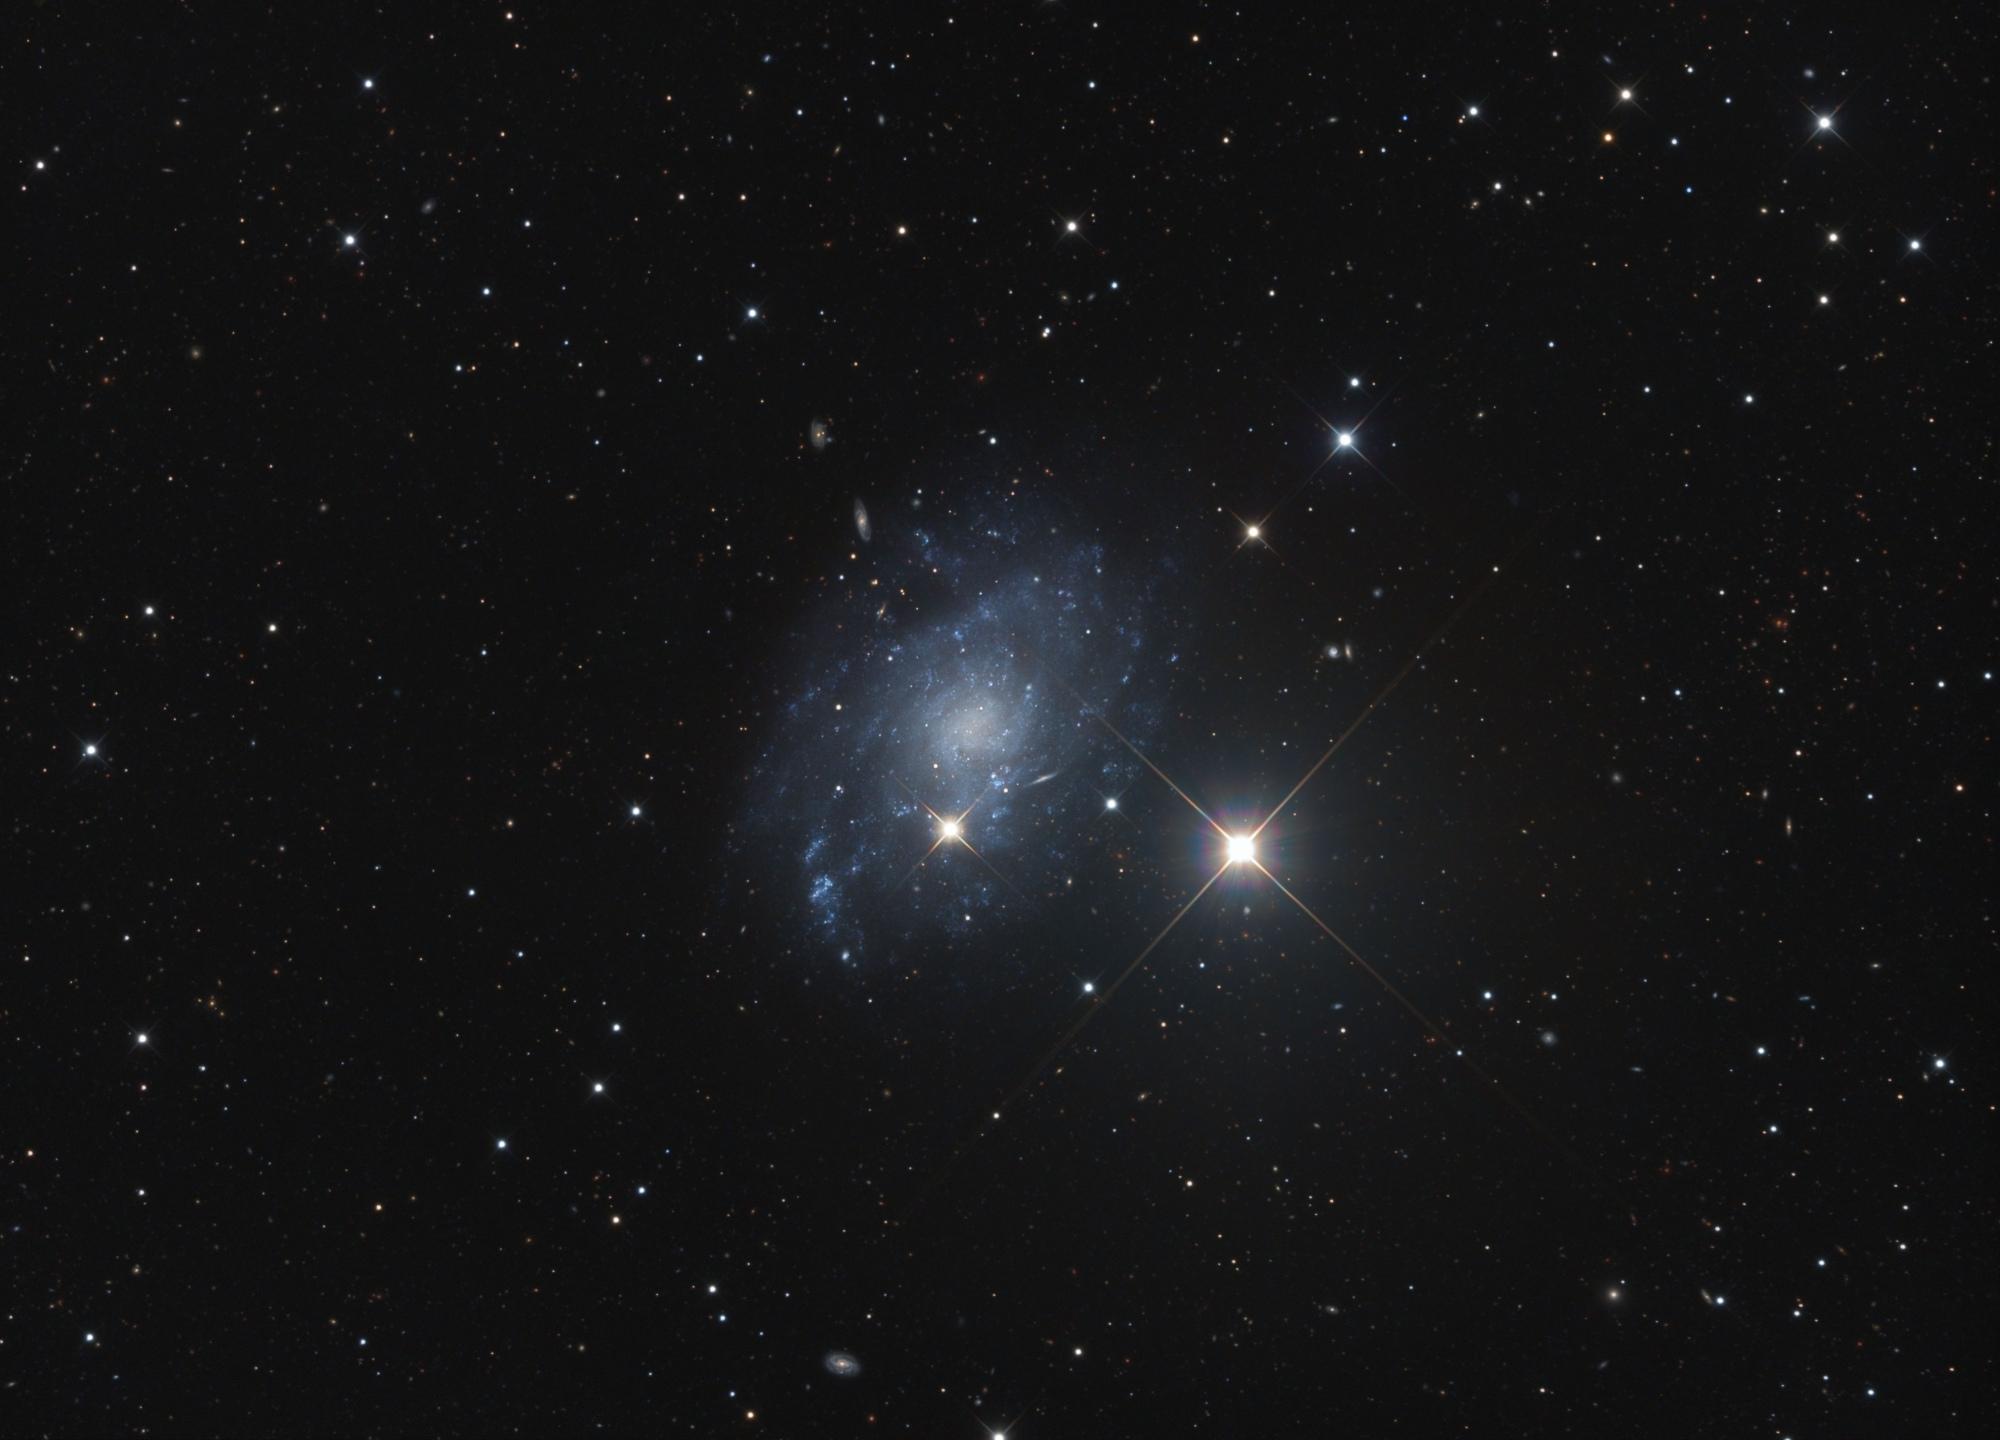 NGC45-LRVB-V31-Publi.thumb.jpg.2a00b687bf31972db227299898b99079.jpg